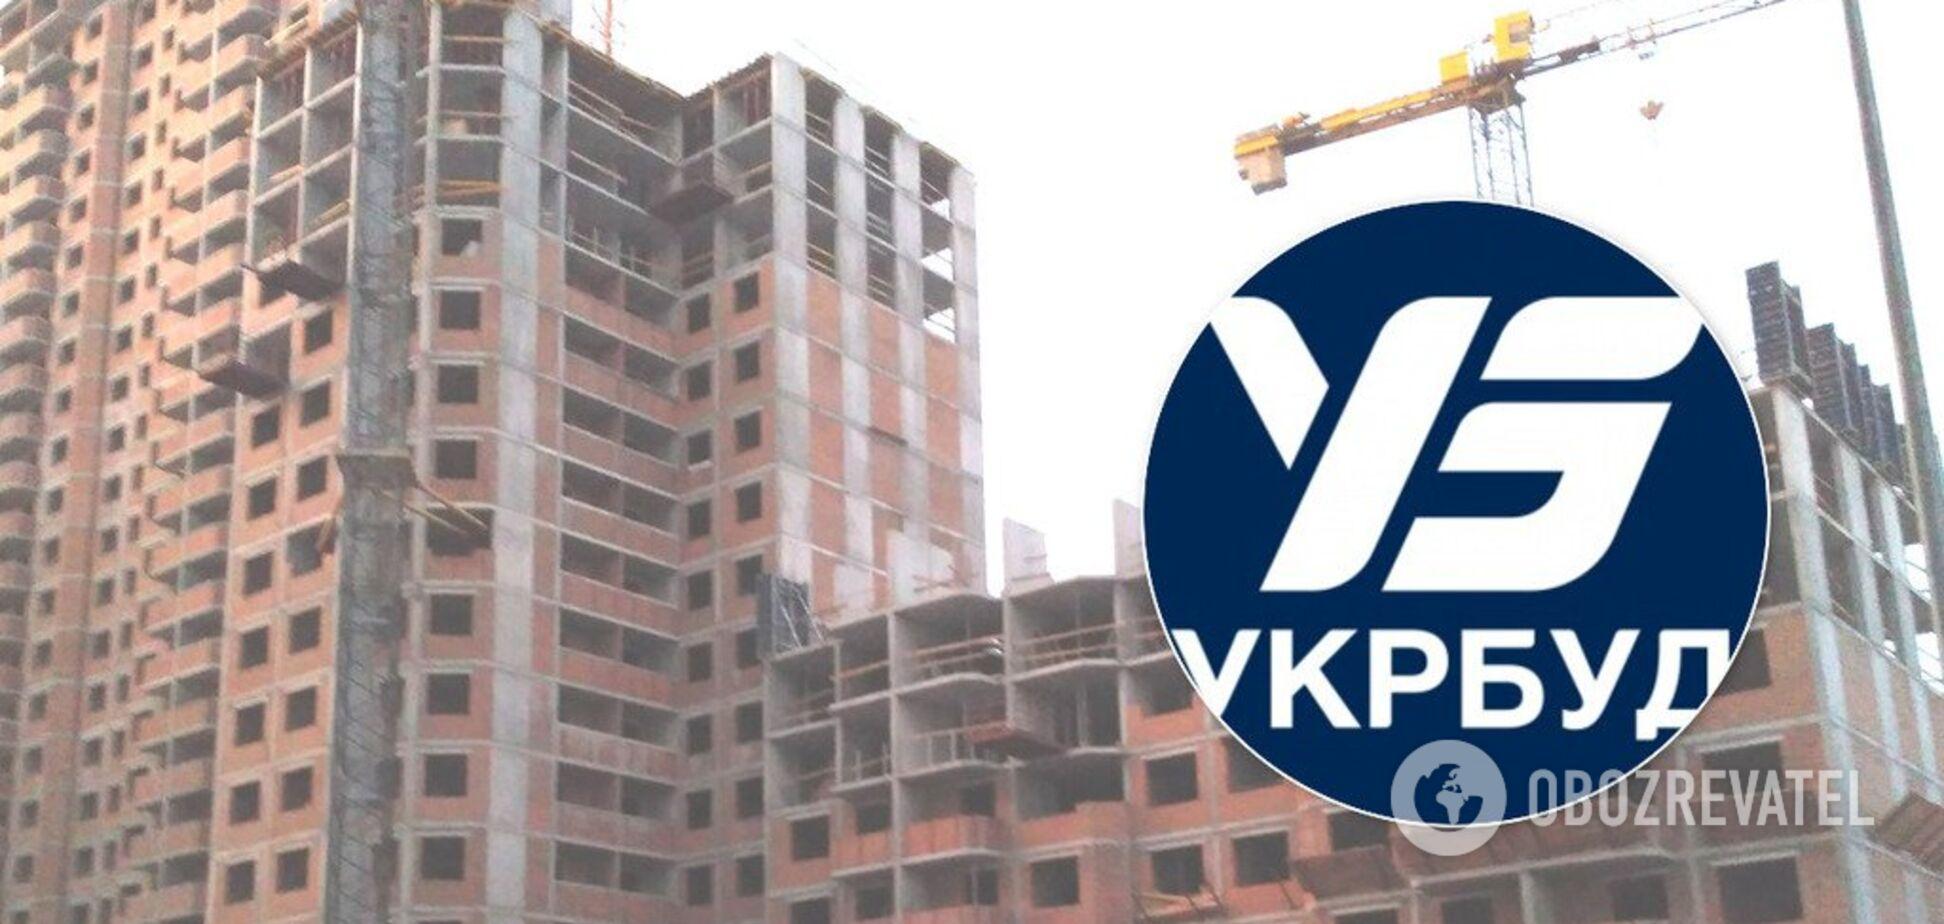 'Підприємства в офшорах': будівельний гігант втрапив у скандал